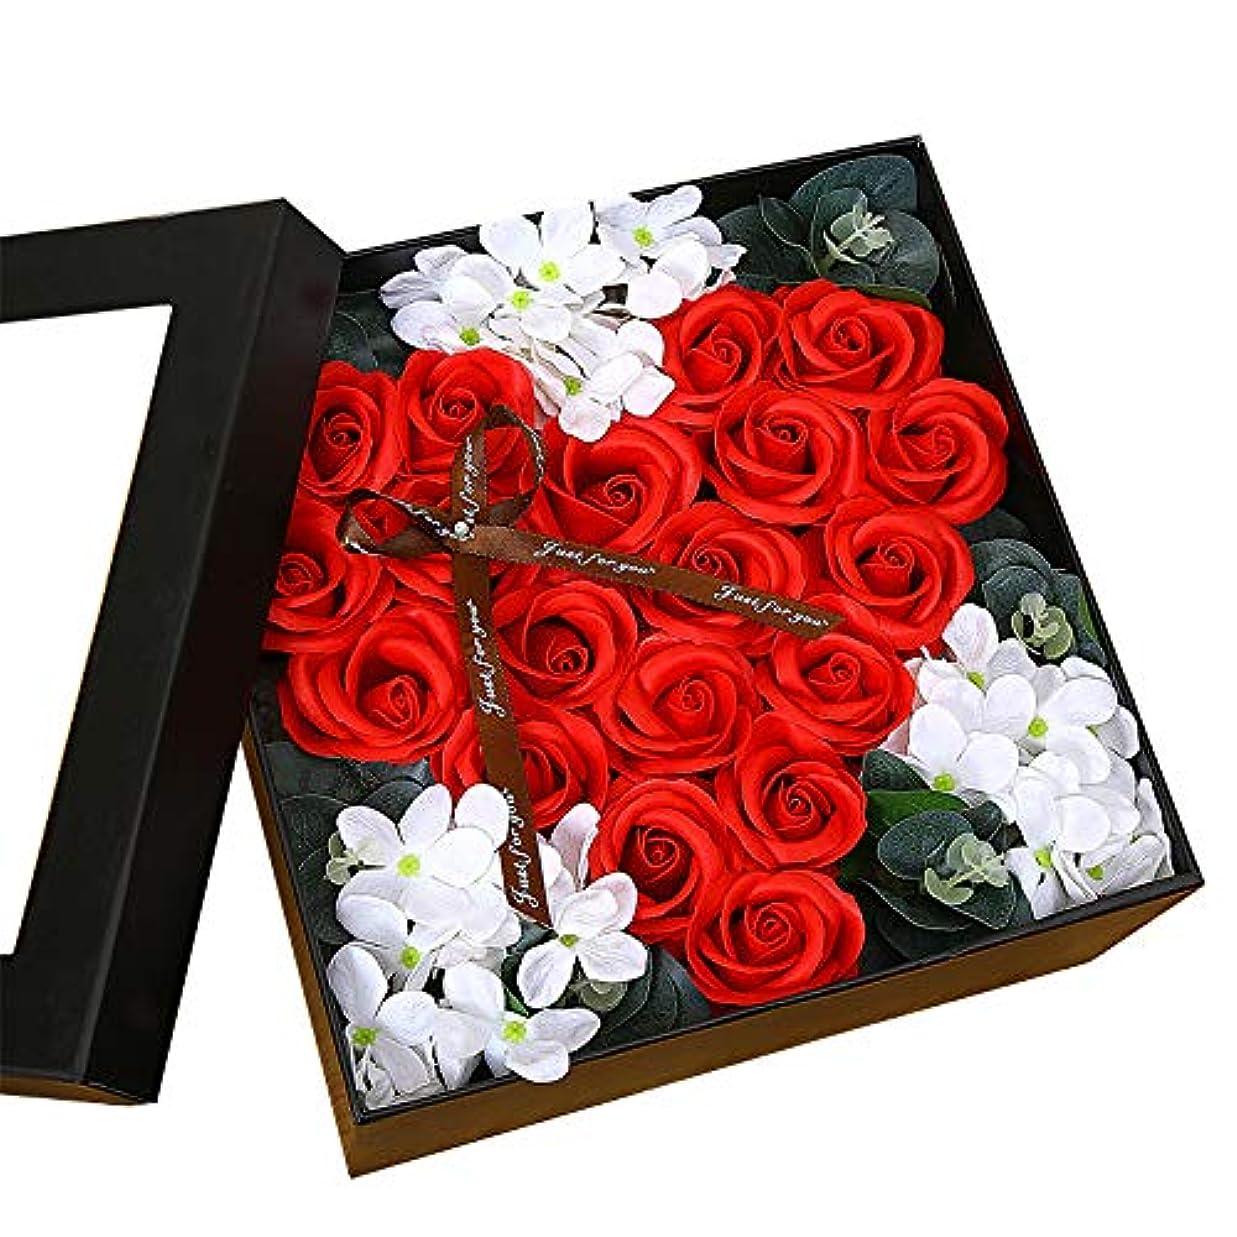 損失比類なき結紮生地と花石鹸の花 ギフトソープフラワーローズフラワーバレンタインデーのために不可欠ガールフレンド記念日誕生日母の日 (色 : Red square box)